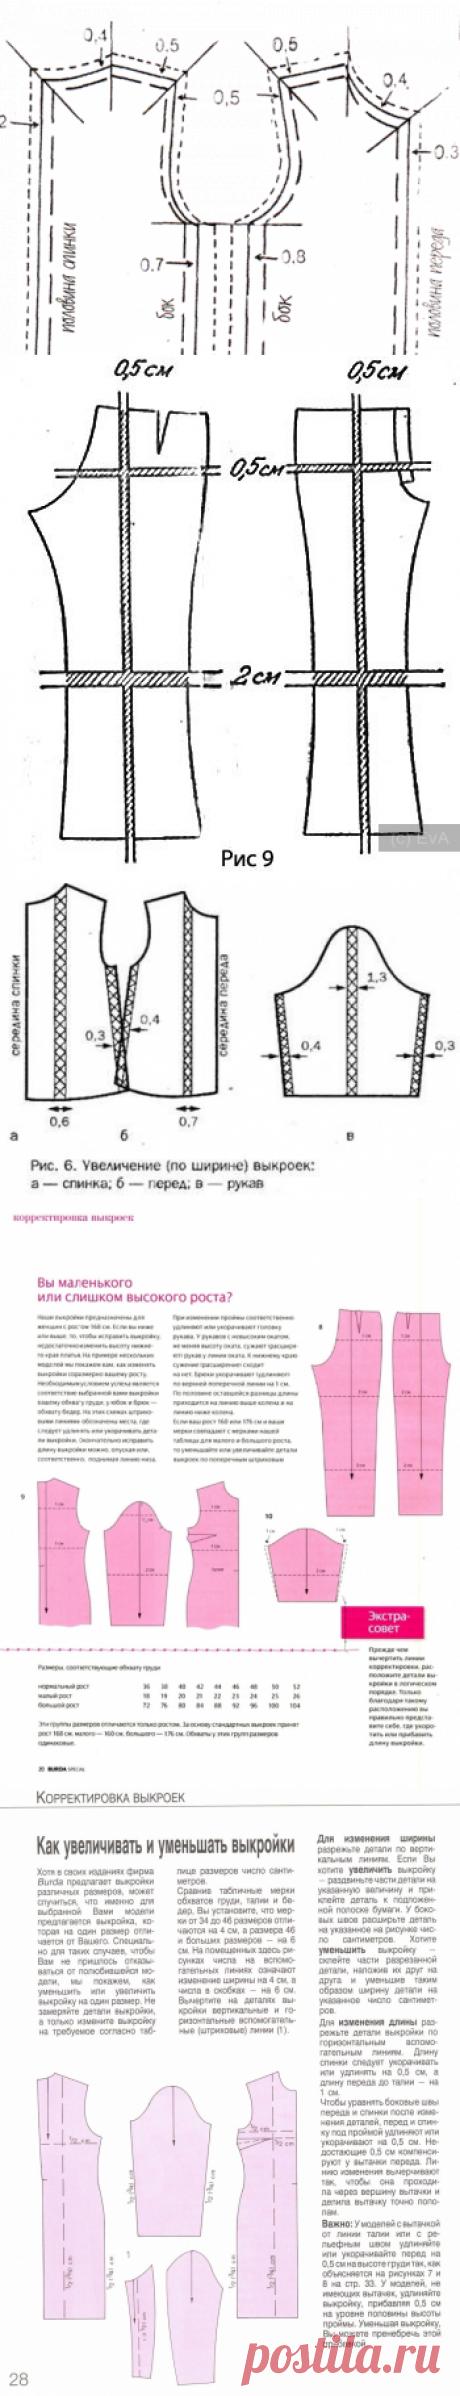 Как изменить выкройку для своего размера - Построение выкройки-основы. САМЫЙ ПОНЯТНЫЙ